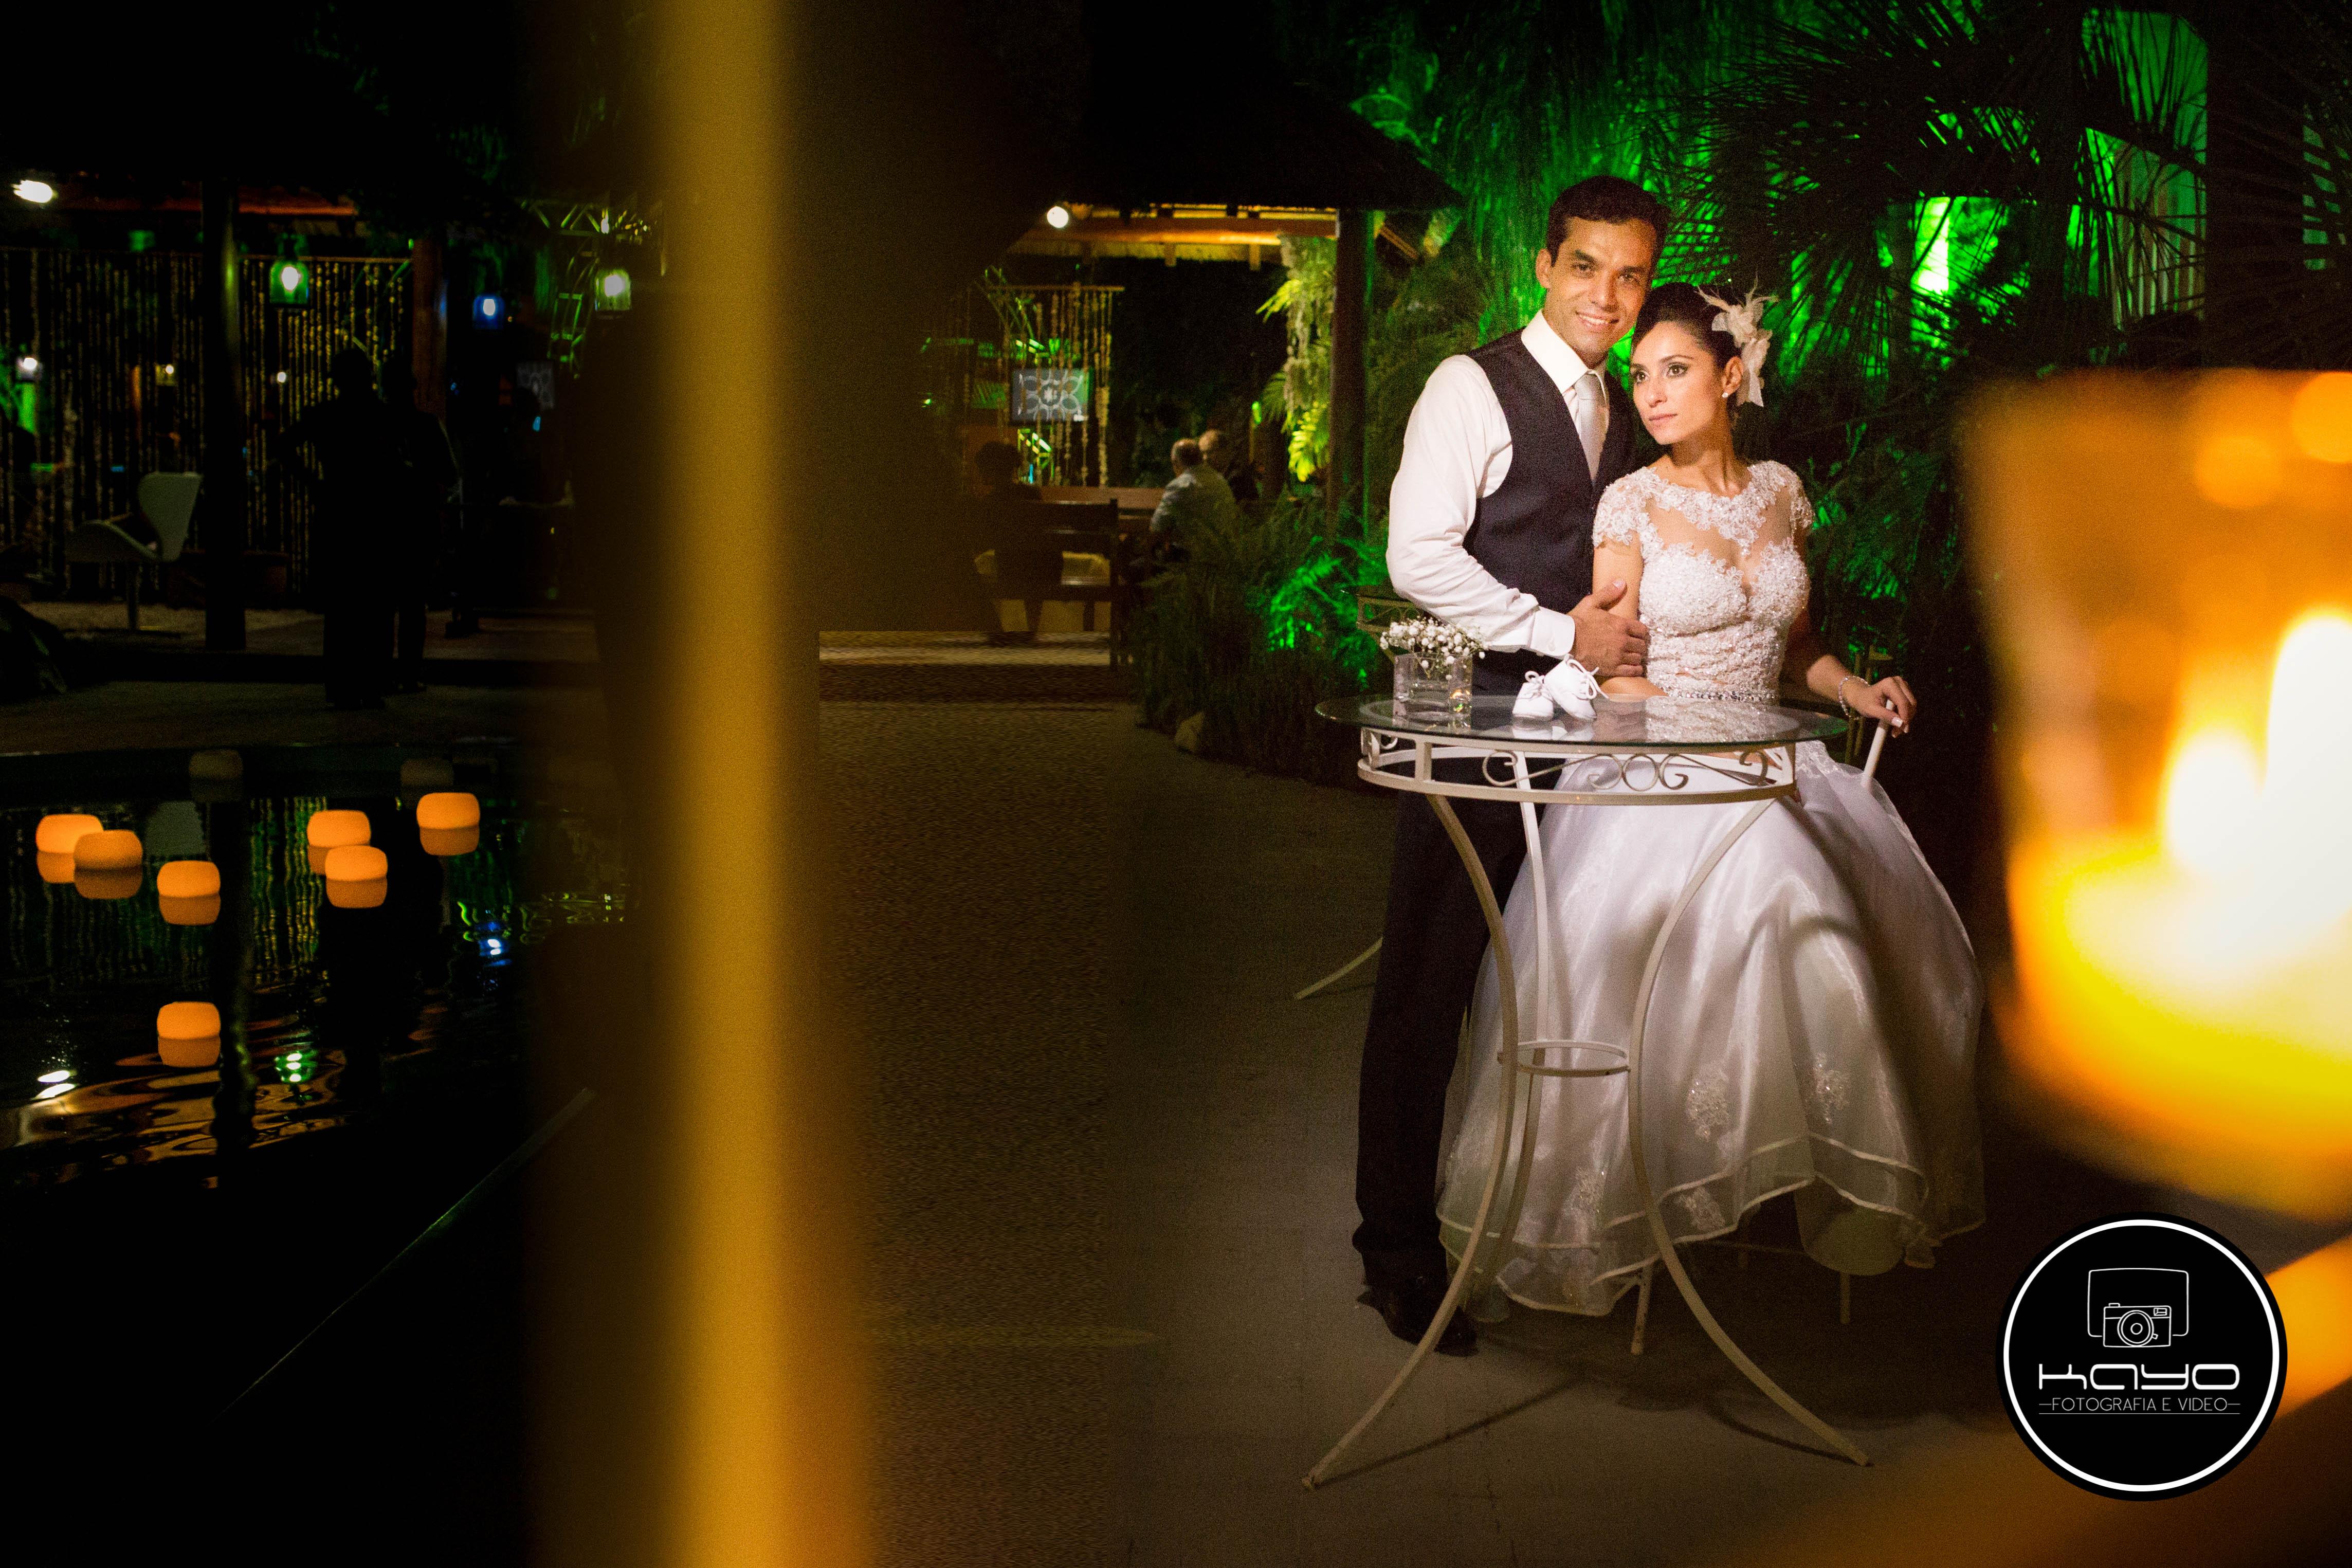 Casamento lindo!